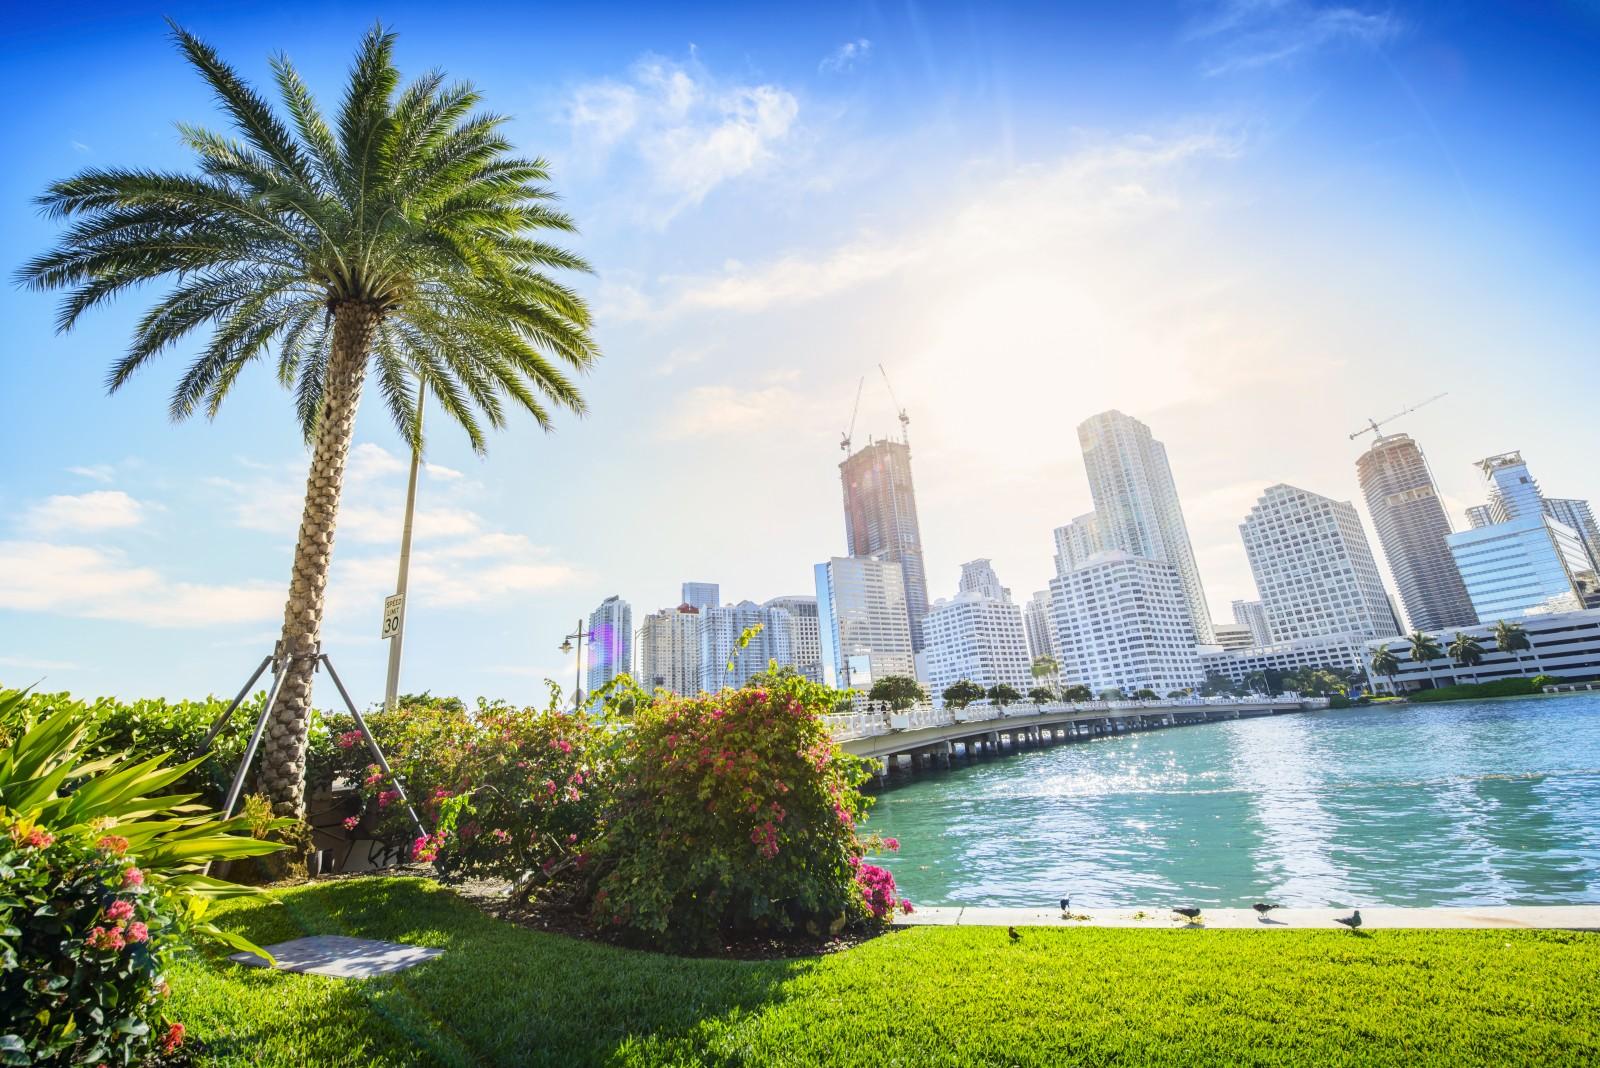 Ein Ziel an der Ostküste der USA und ein Garant für Strandfeeling ist Miami. Doch die Stadt in Florida hat auch für Kulturinteressierte viel zu bieten.